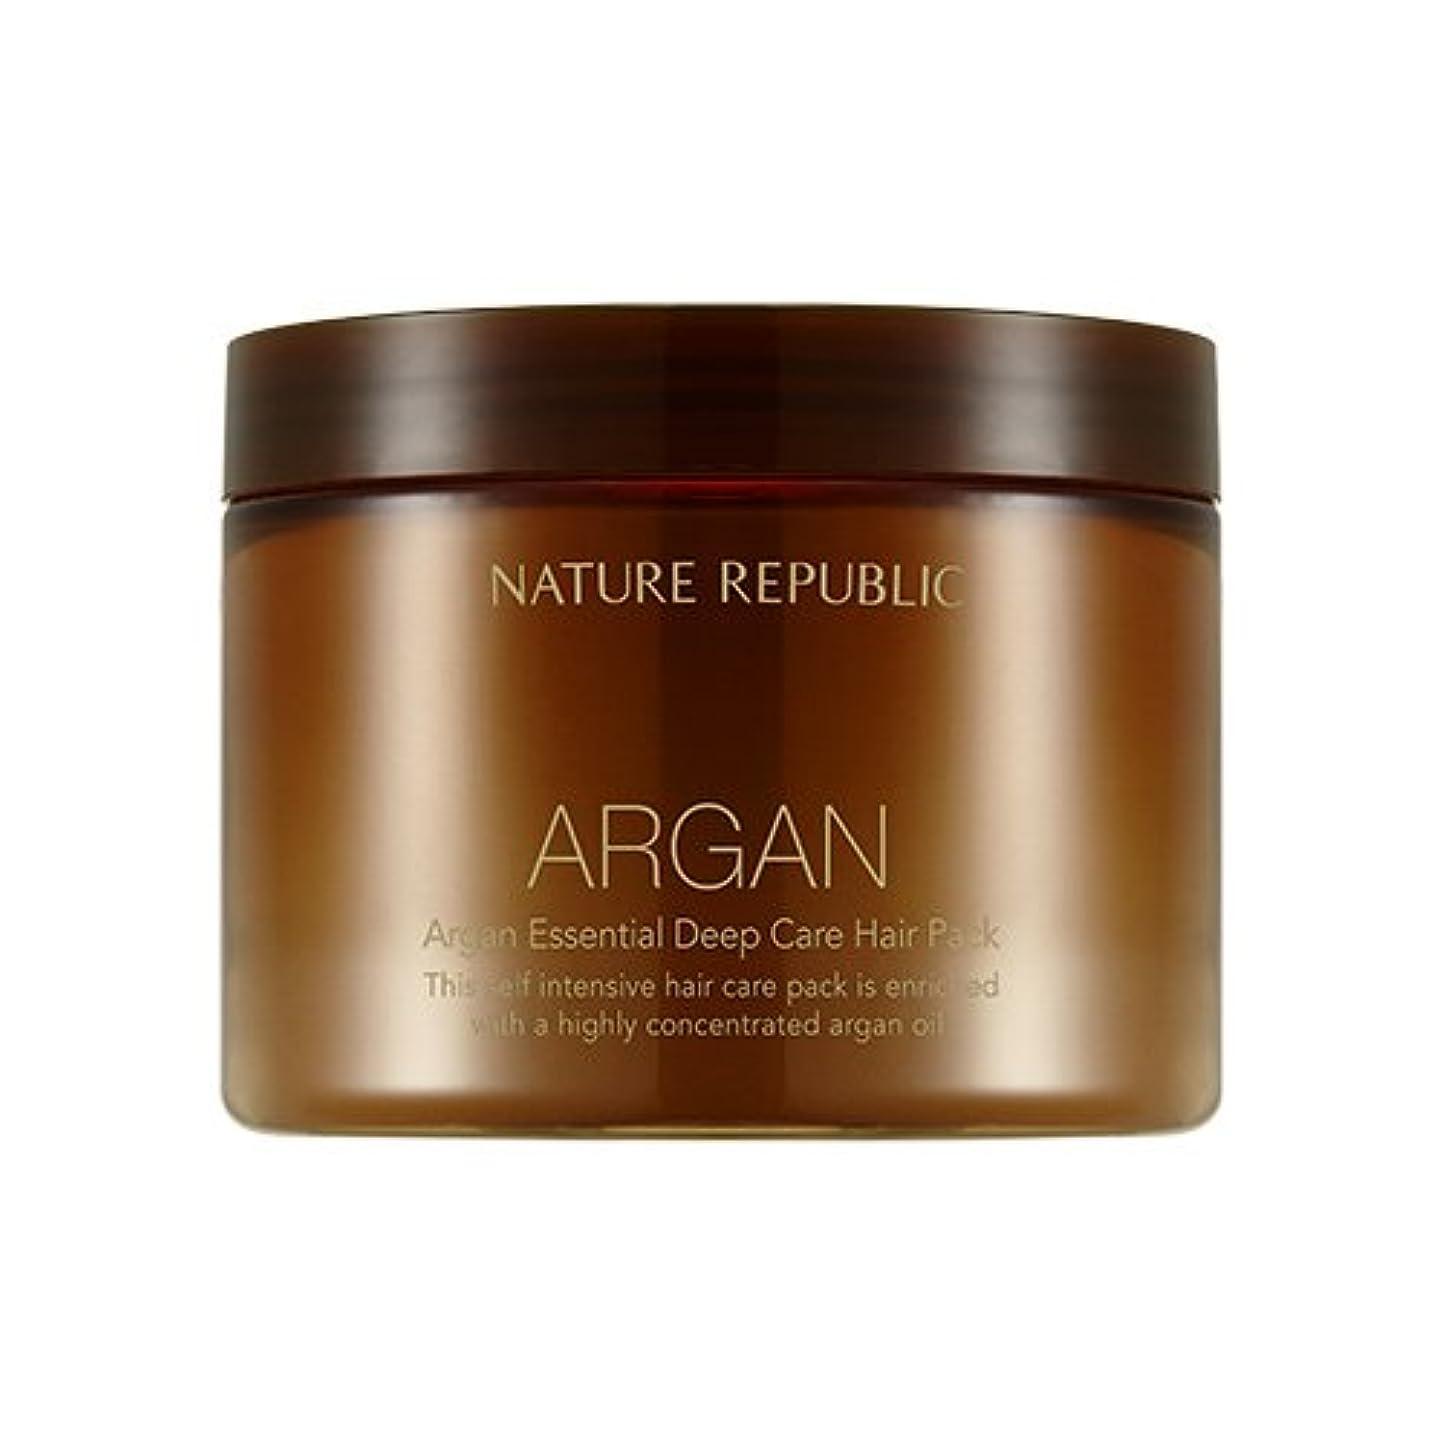 無駄だ正しくヤングNATURE REPUBLIC Argan Essential Deep Care Hair Pack 470ml ネイチャーリパブリック アルガンエッセンシャルディープケアヘアパック 470ml [並行輸入品]